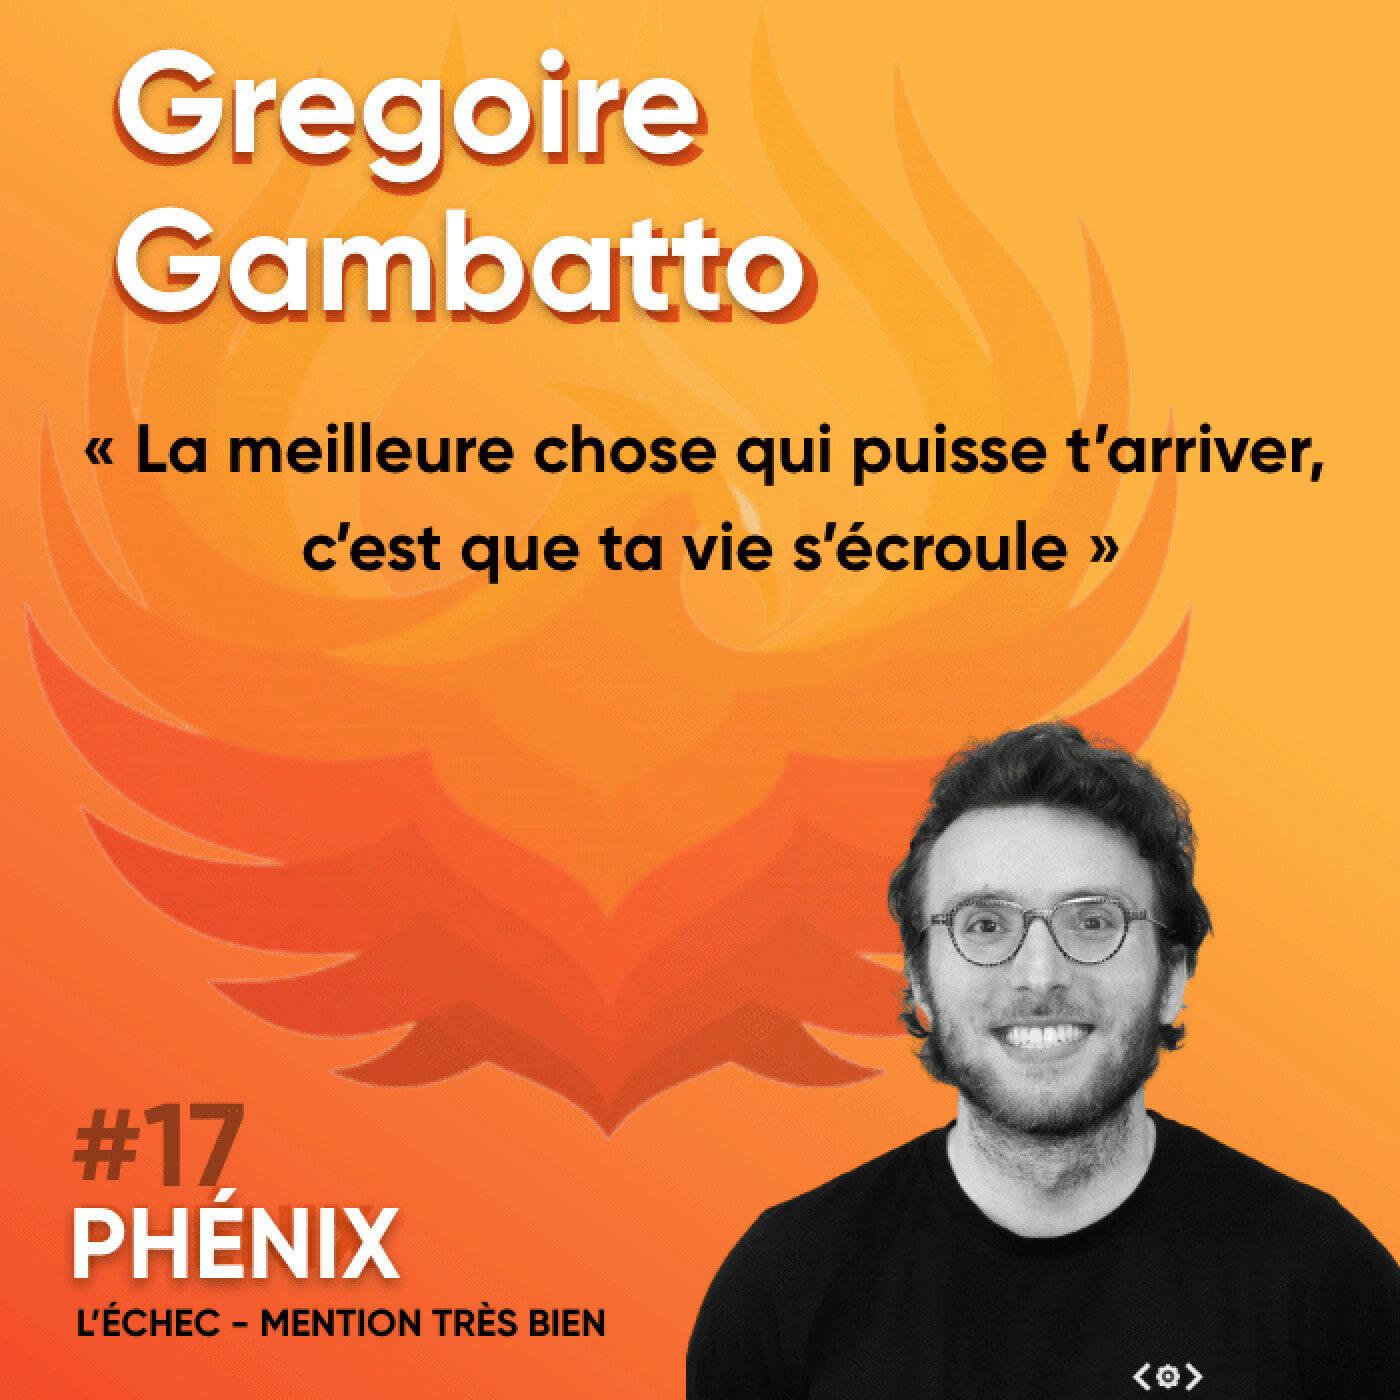 #17 🚜 - Gregoire Gambatto : La meilleure chose qui puisse t'arriver, c'est que ta vie s'écroule